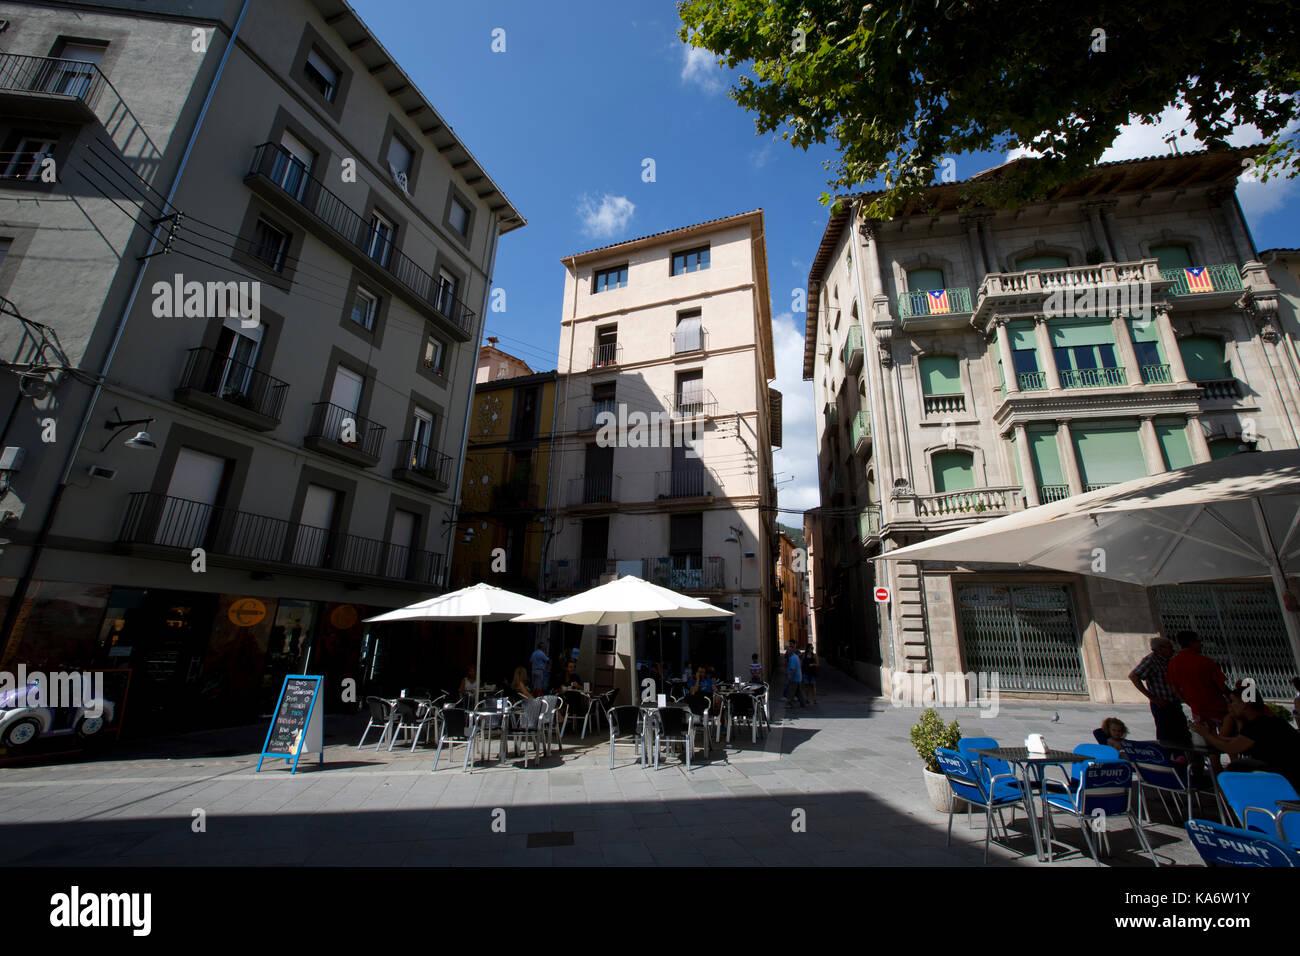 Ripoll, ville de montagne d'environ 10 000 personnes rentrées dans les contreforts des Pyrénées, au nord de Barcelone, Catalogne, Espagne Banque D'Images